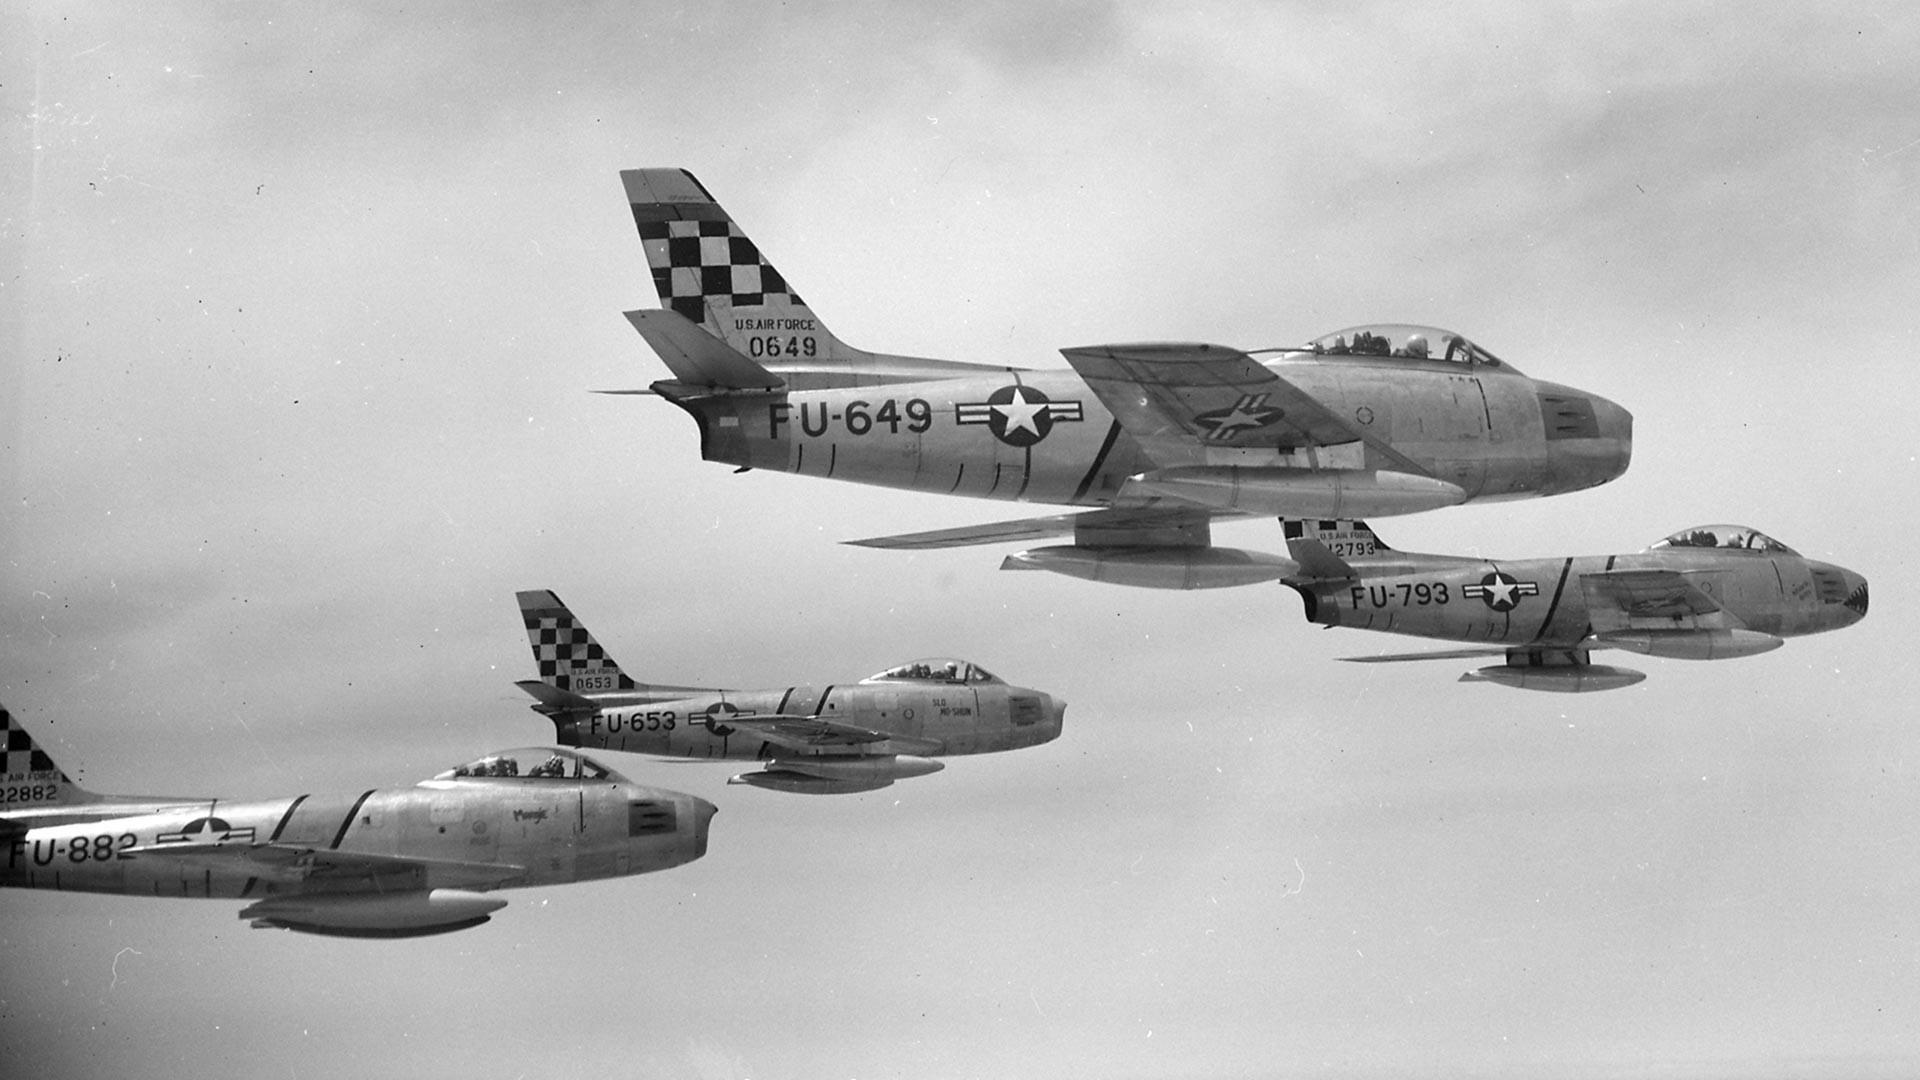 Четири Северноамеричка ловца F-86E Сејбр у саставу 51. групе ловаца-пресретача изнад Кореје 22. маја 1953. године. Авиони FU-649 и FU-653 су модел F-86E-5-NA, FU-793 је модел F-86E-10-NA, док је FU-882 модел F-86E-6-CAN који је оригинално произвела Канада, али испоручила америчком ваздухопловству.